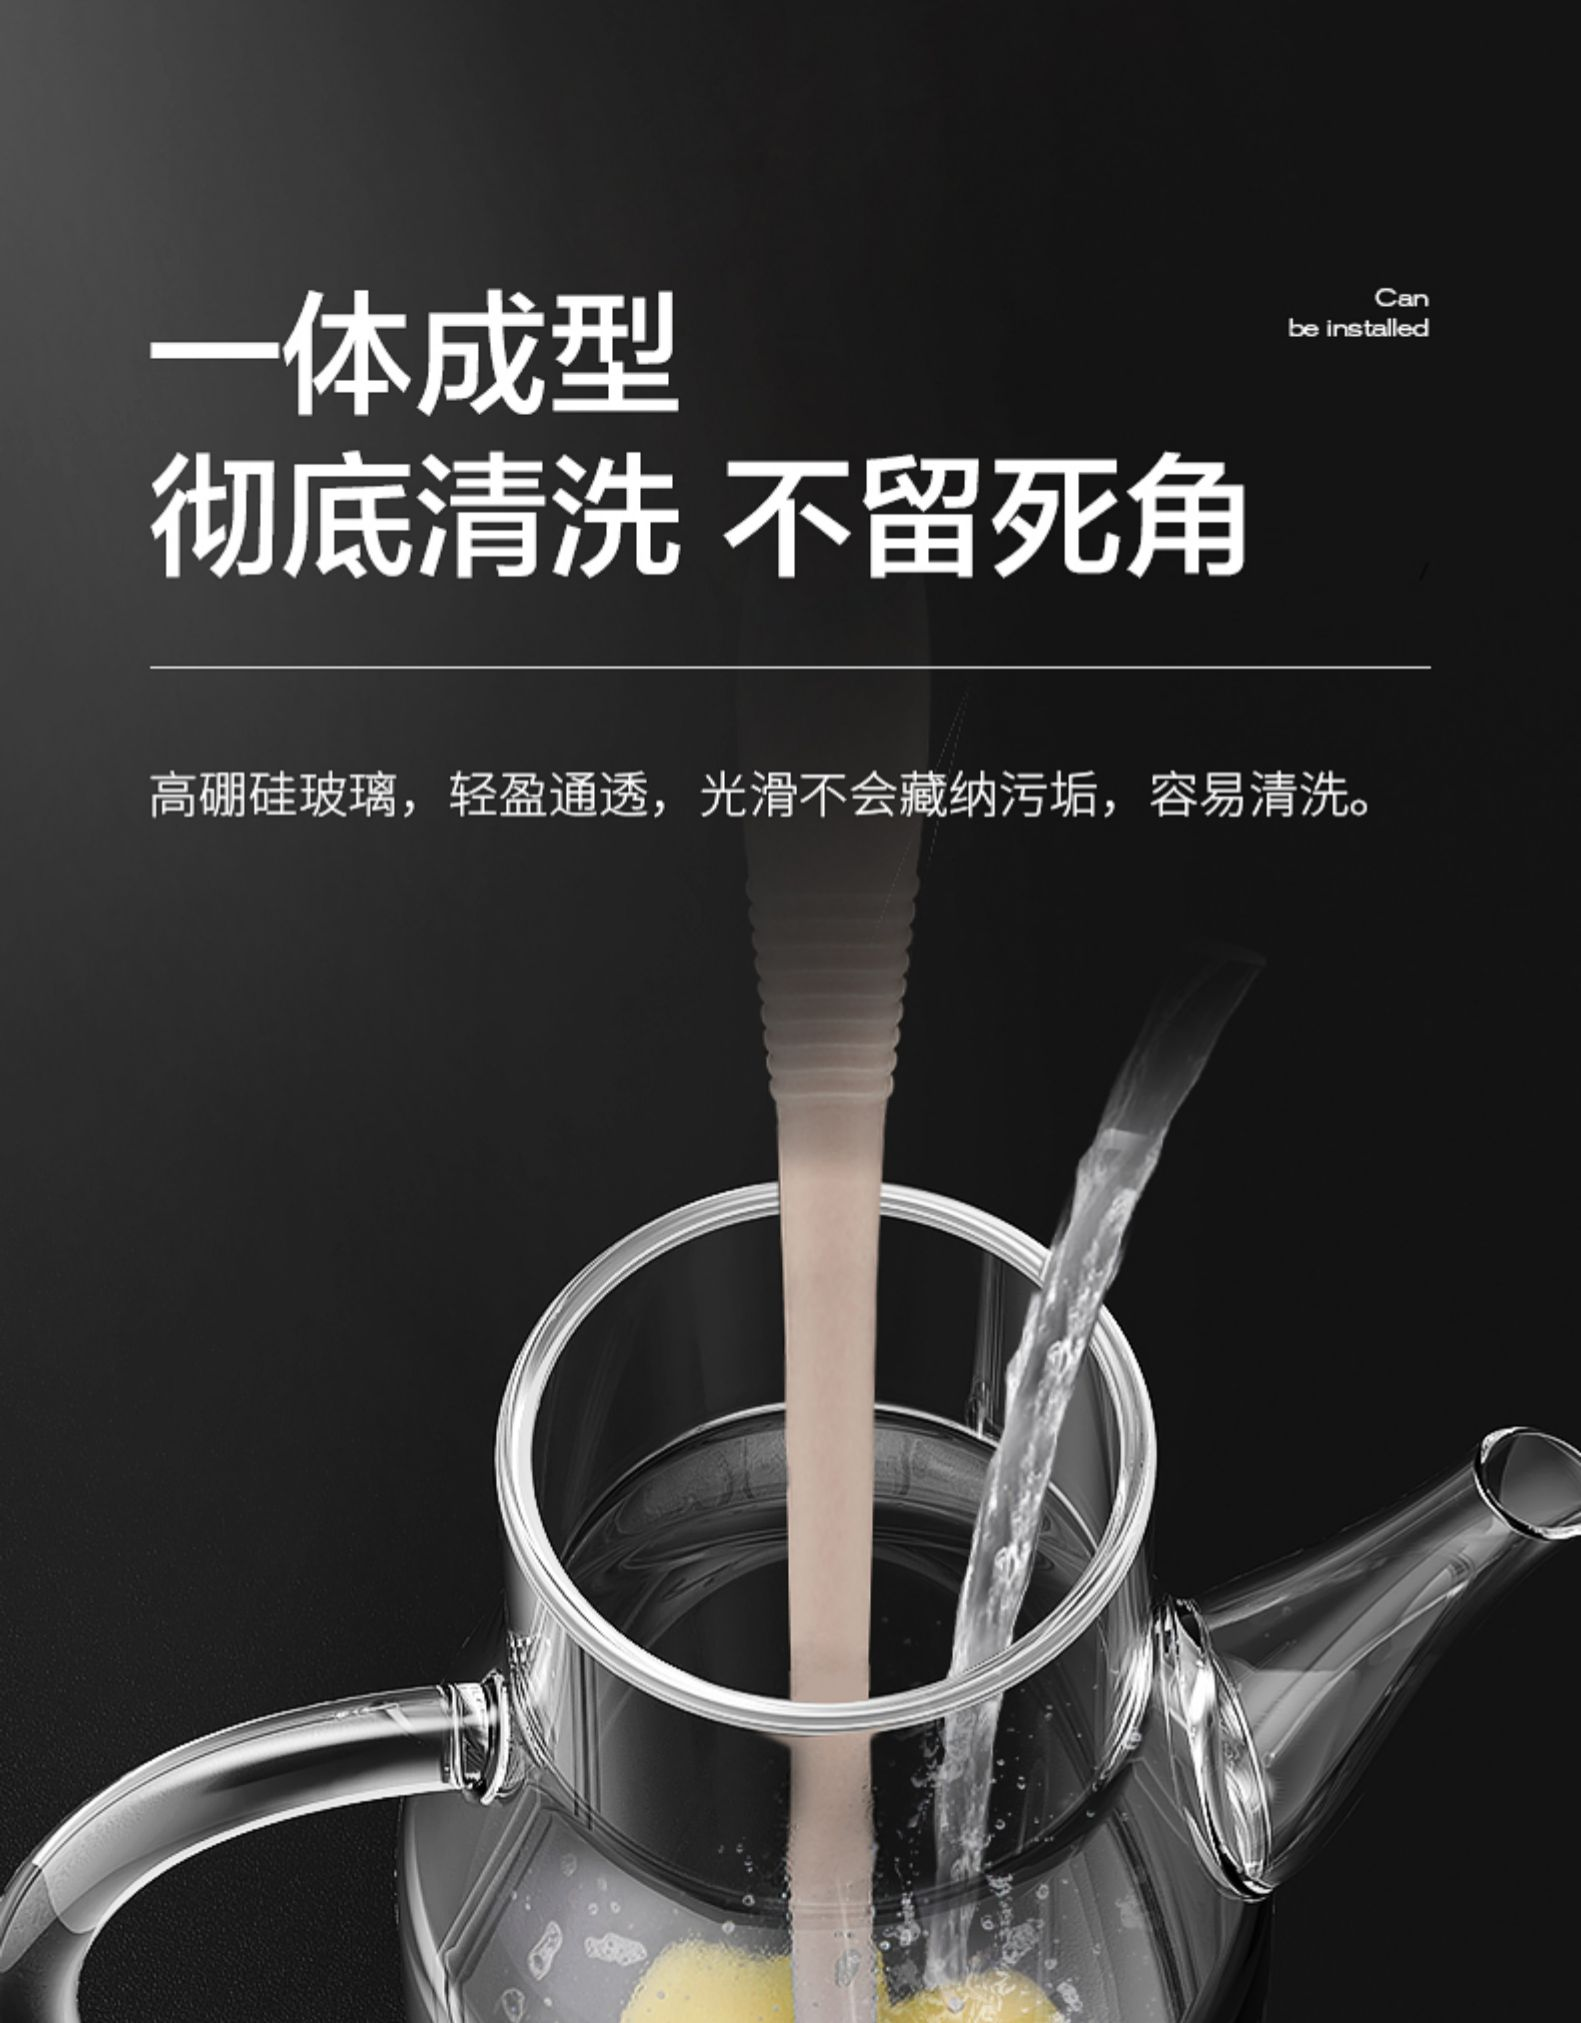 德国玻璃油壶防漏家用厨房料酒瓶调料油罐大容量油瓶加厚酱油油醋罐详细照片